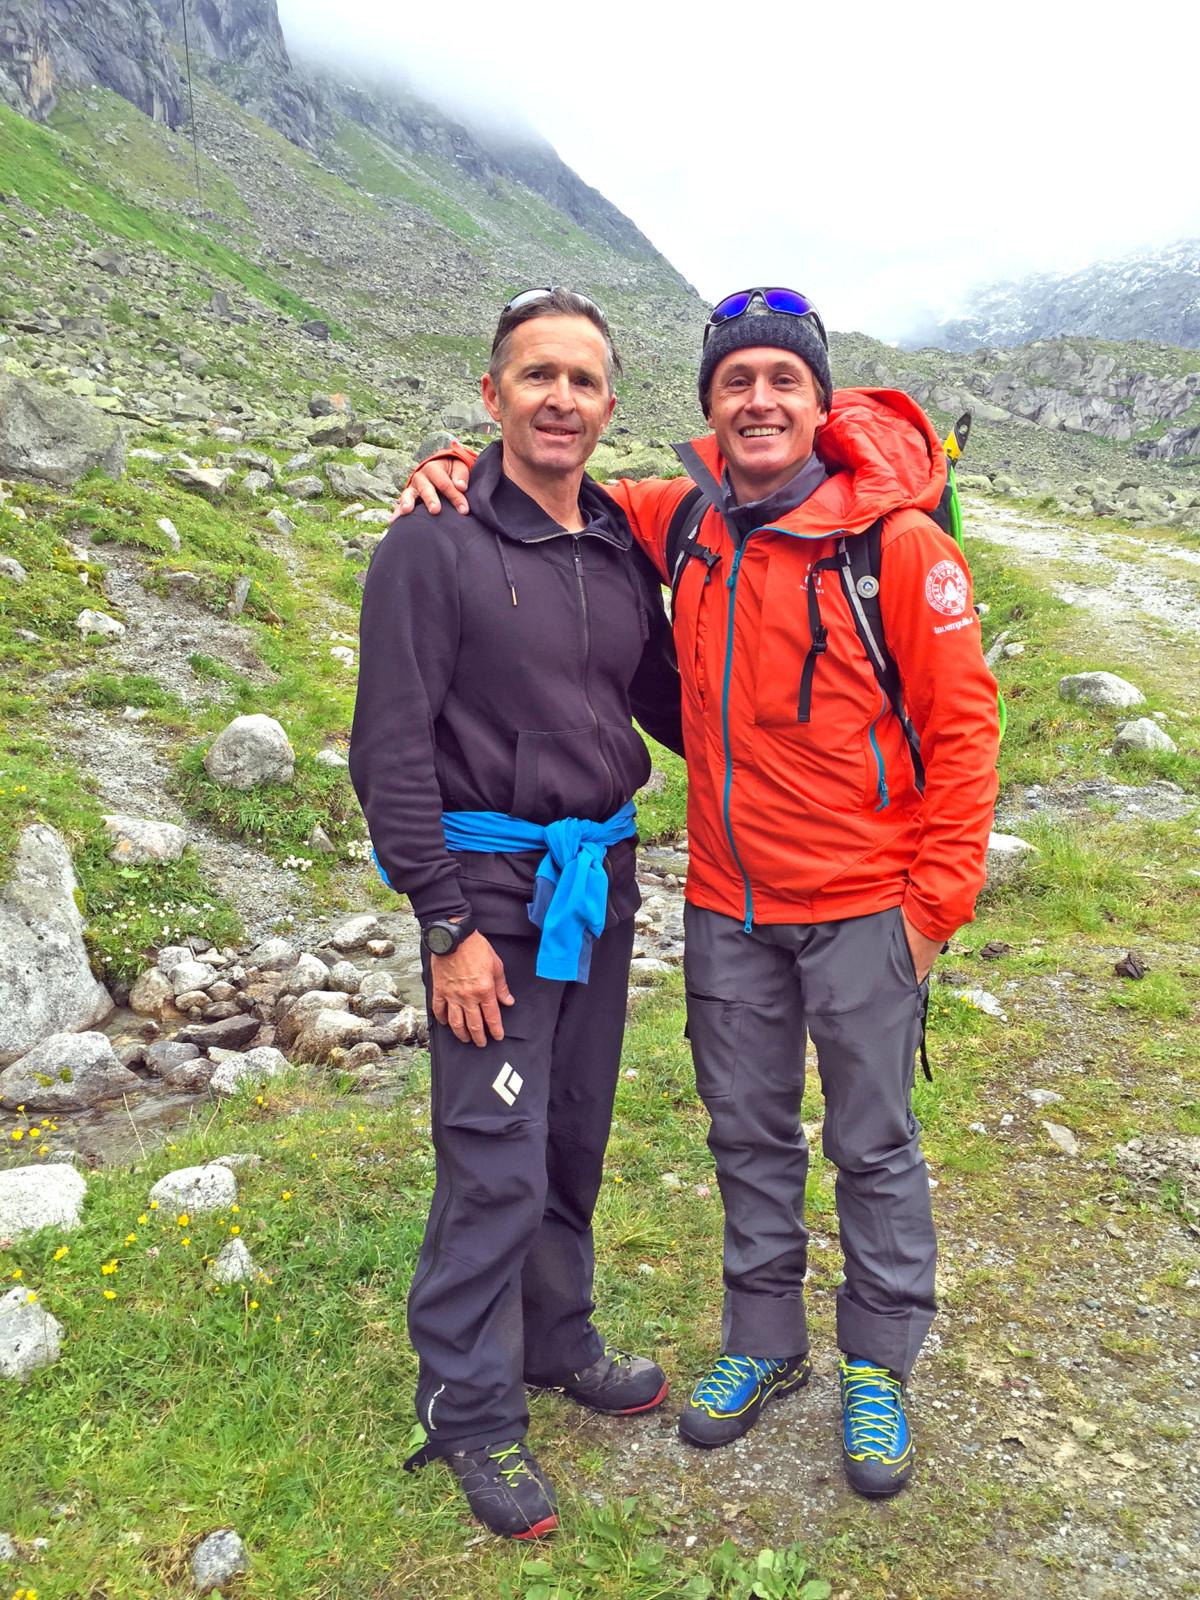 Sie haben uns sicher hinauf und wieder hinunter gebracht: Unsere Bergführer Manfred Reitsamer und Hans-Peter Breuer.